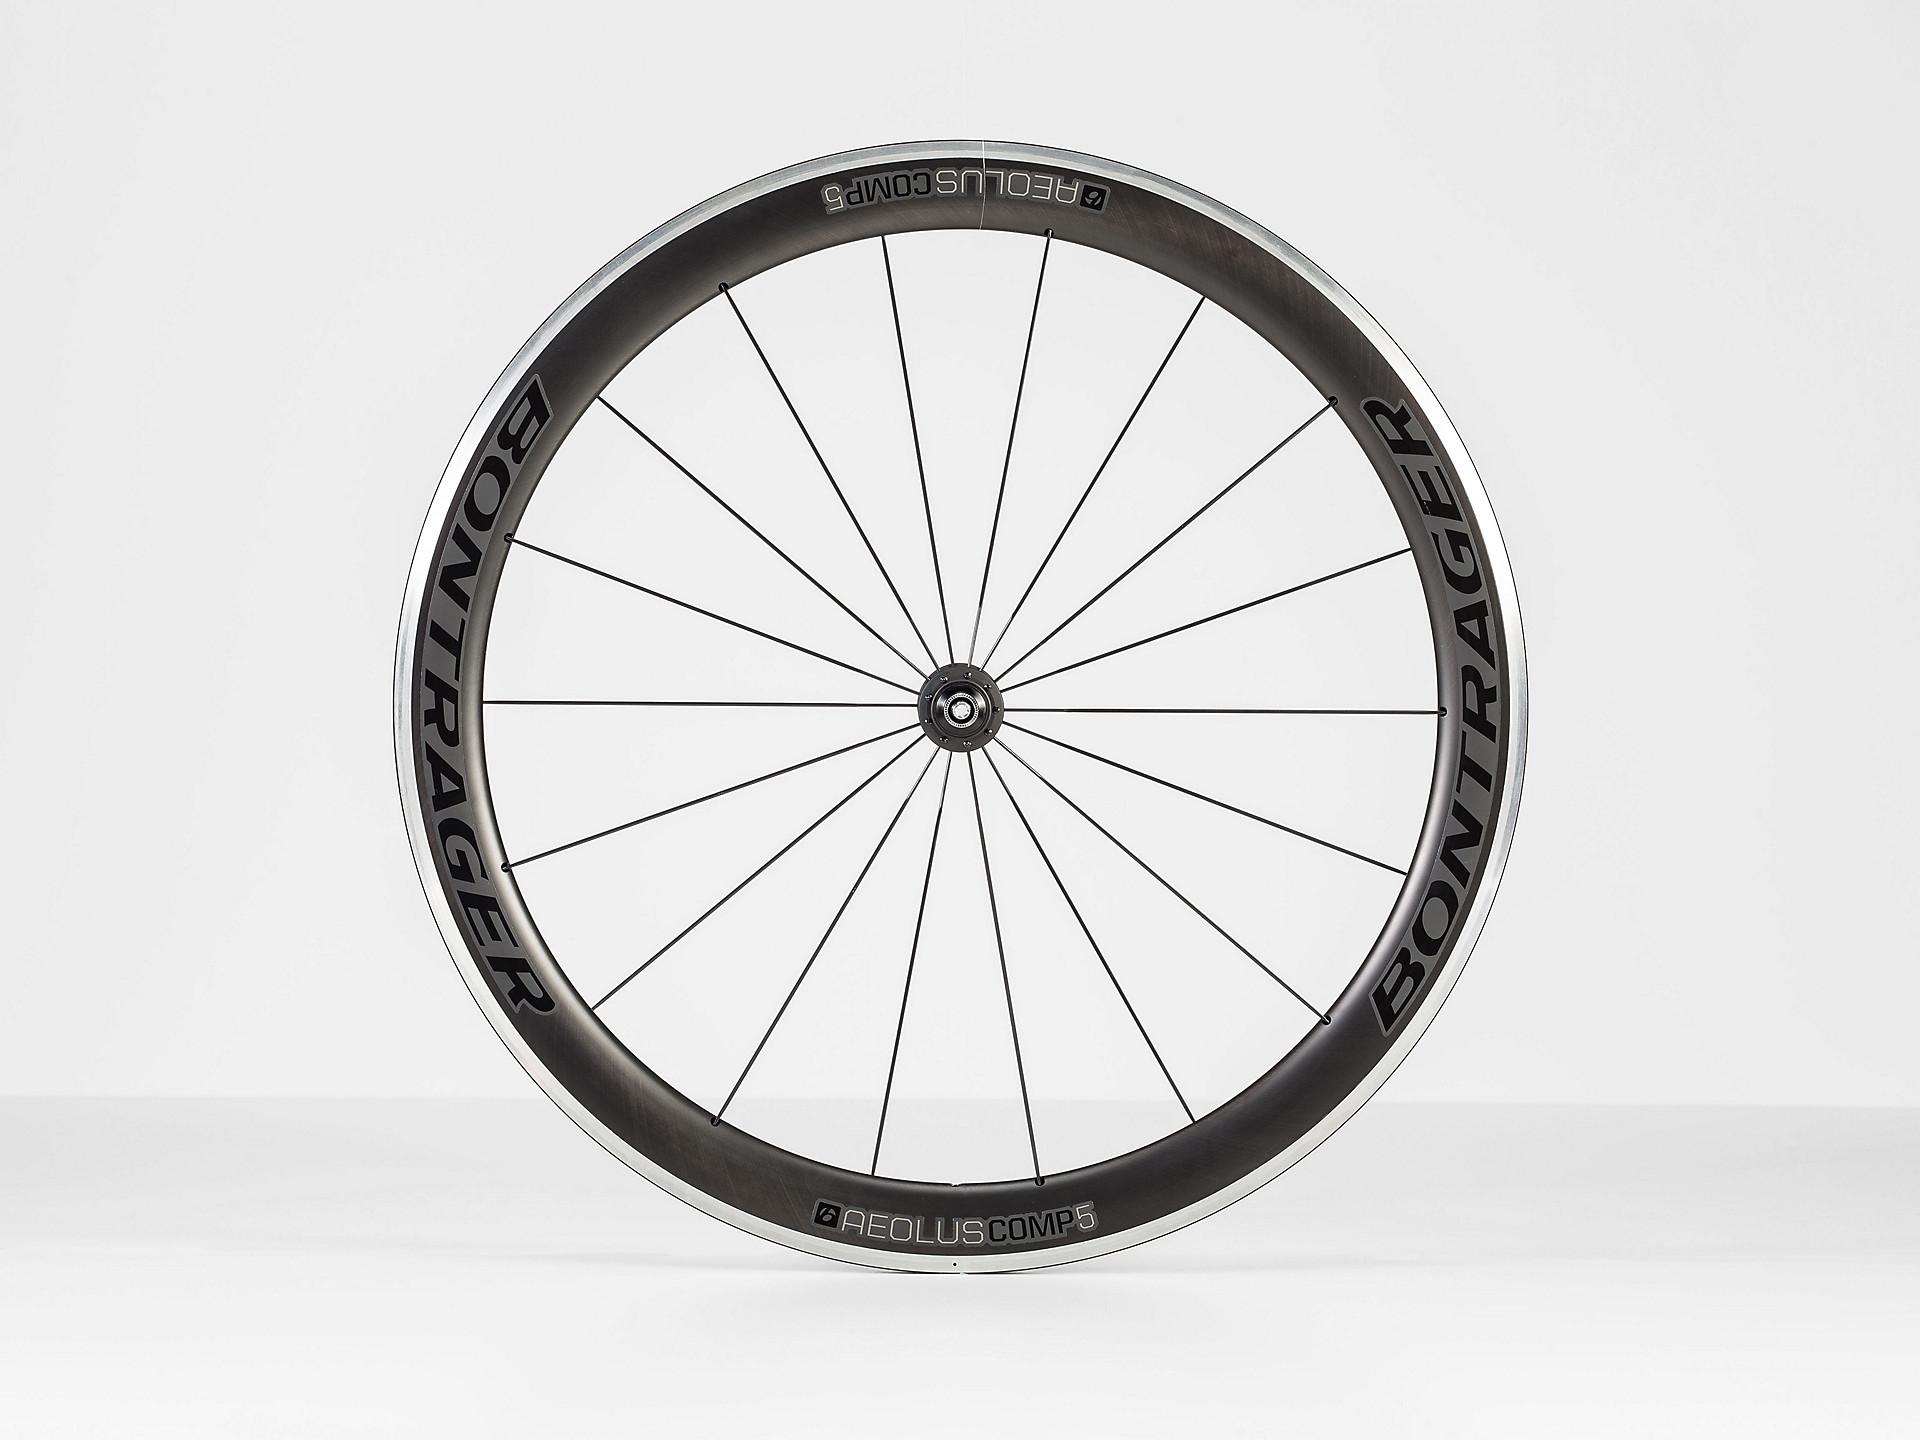 Shimano quick release QR bike road wheel skewer steel alloy rear single black